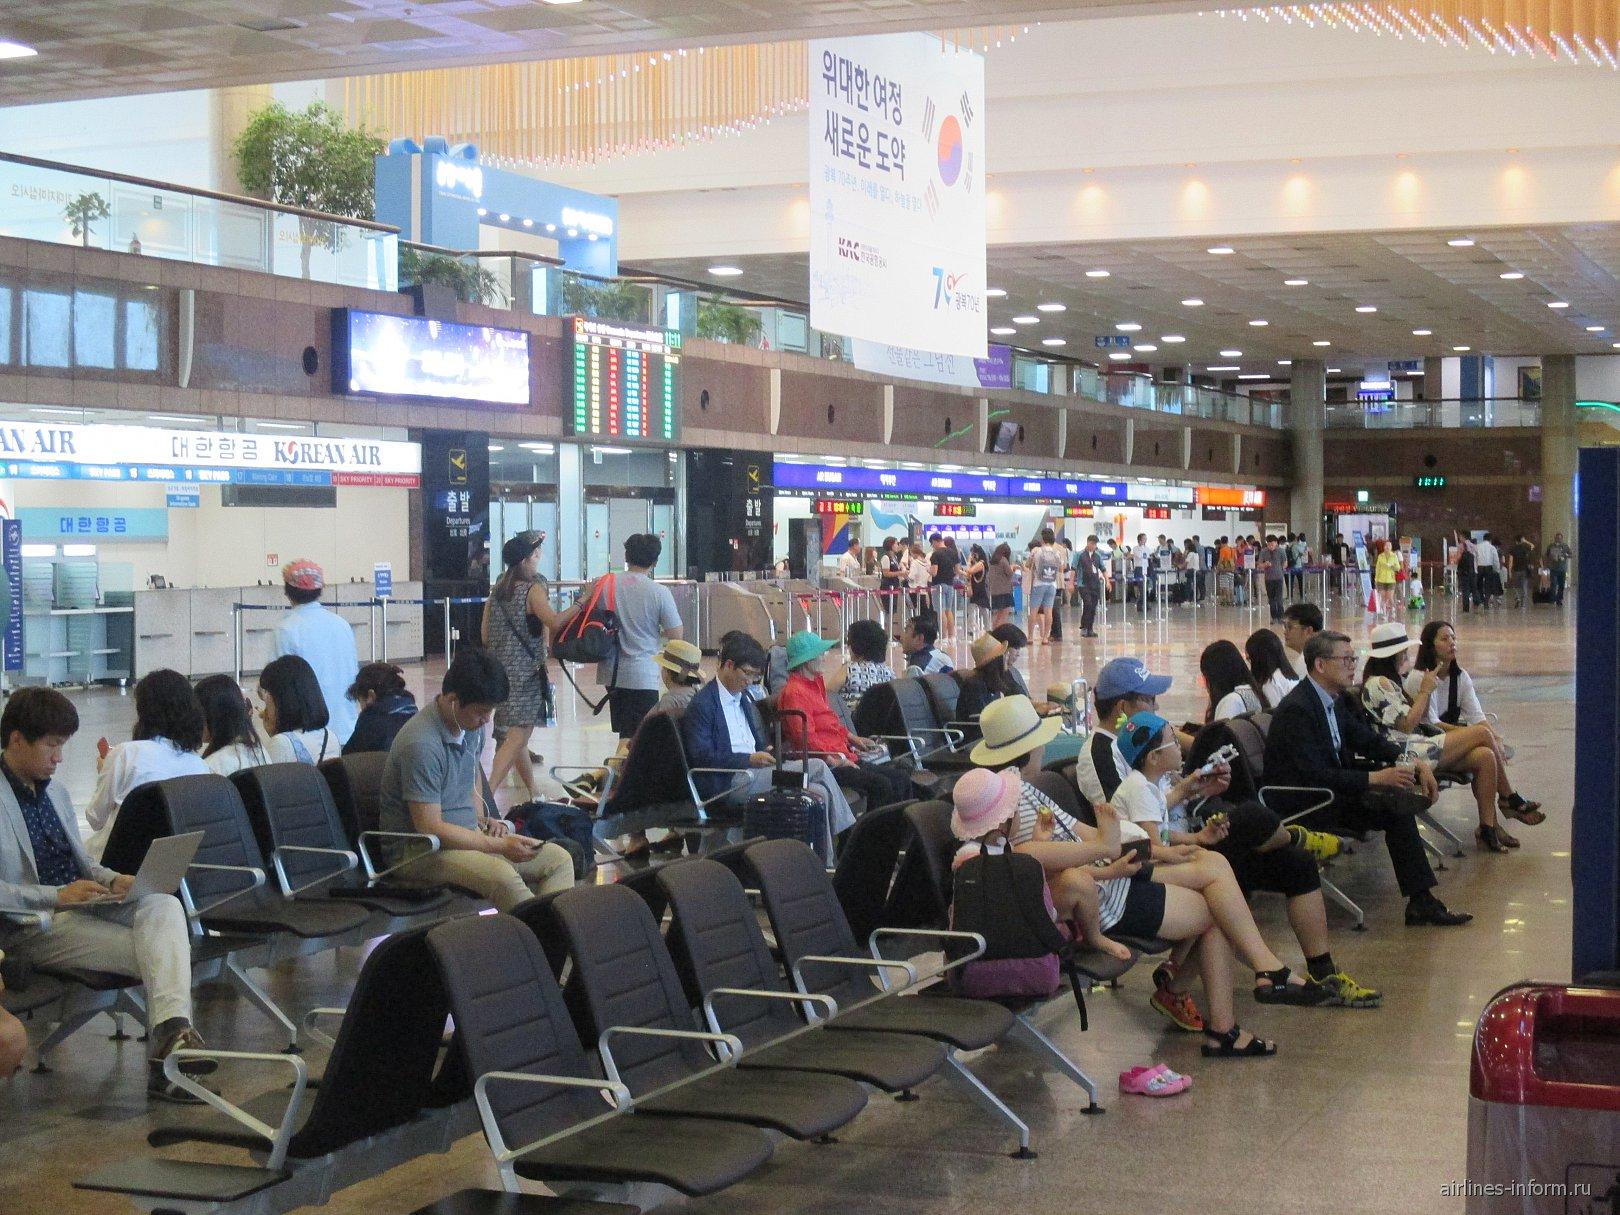 В терминале внутренних рейсов аэропорта Пусан Гимхэ